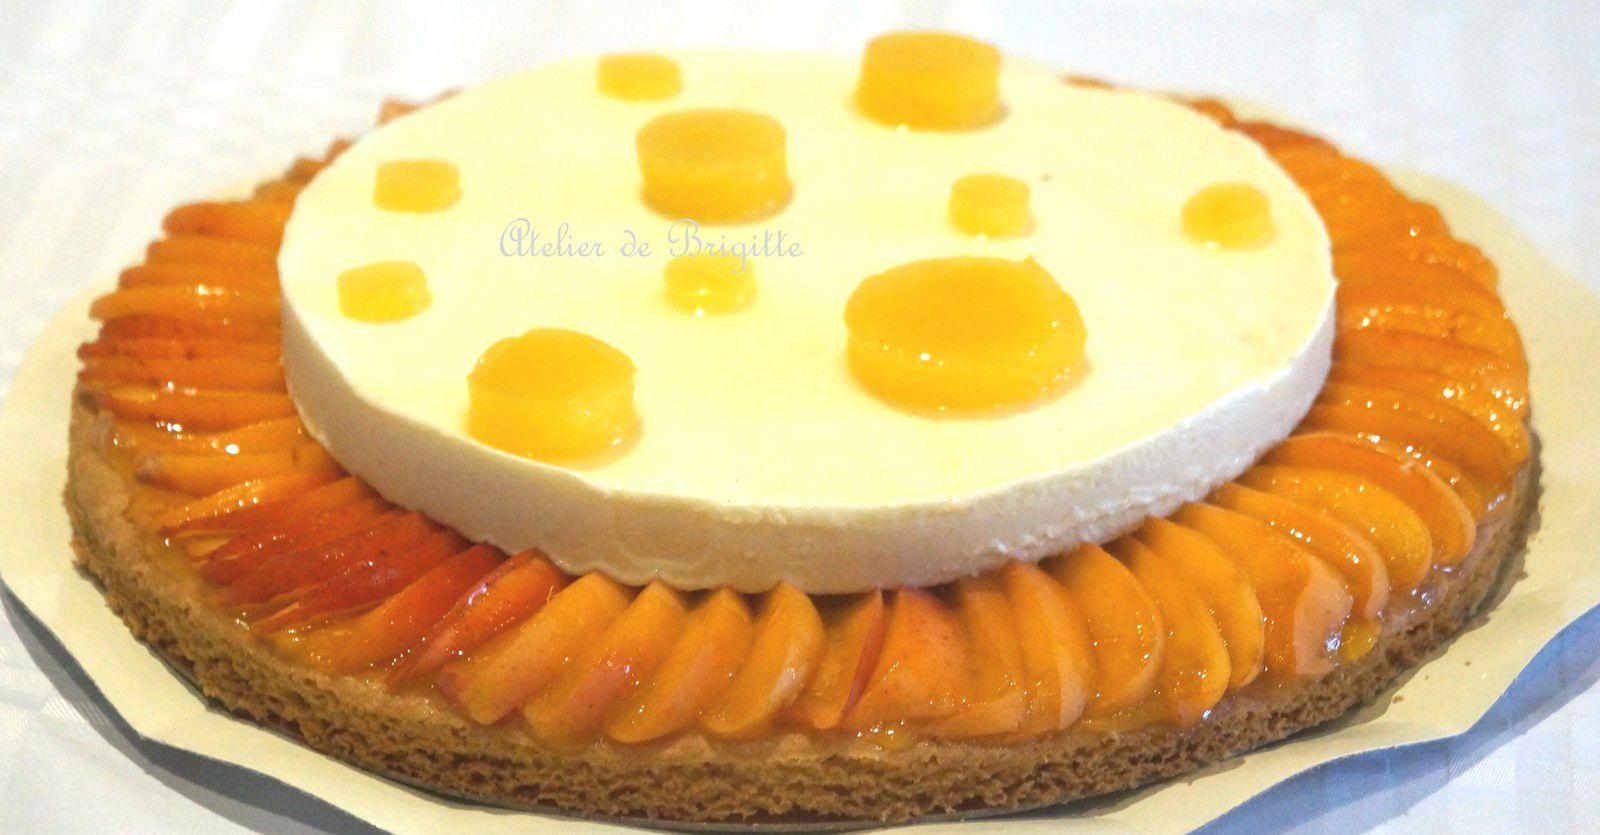 Fantastik abricots et amandes façon Christophe Michalak